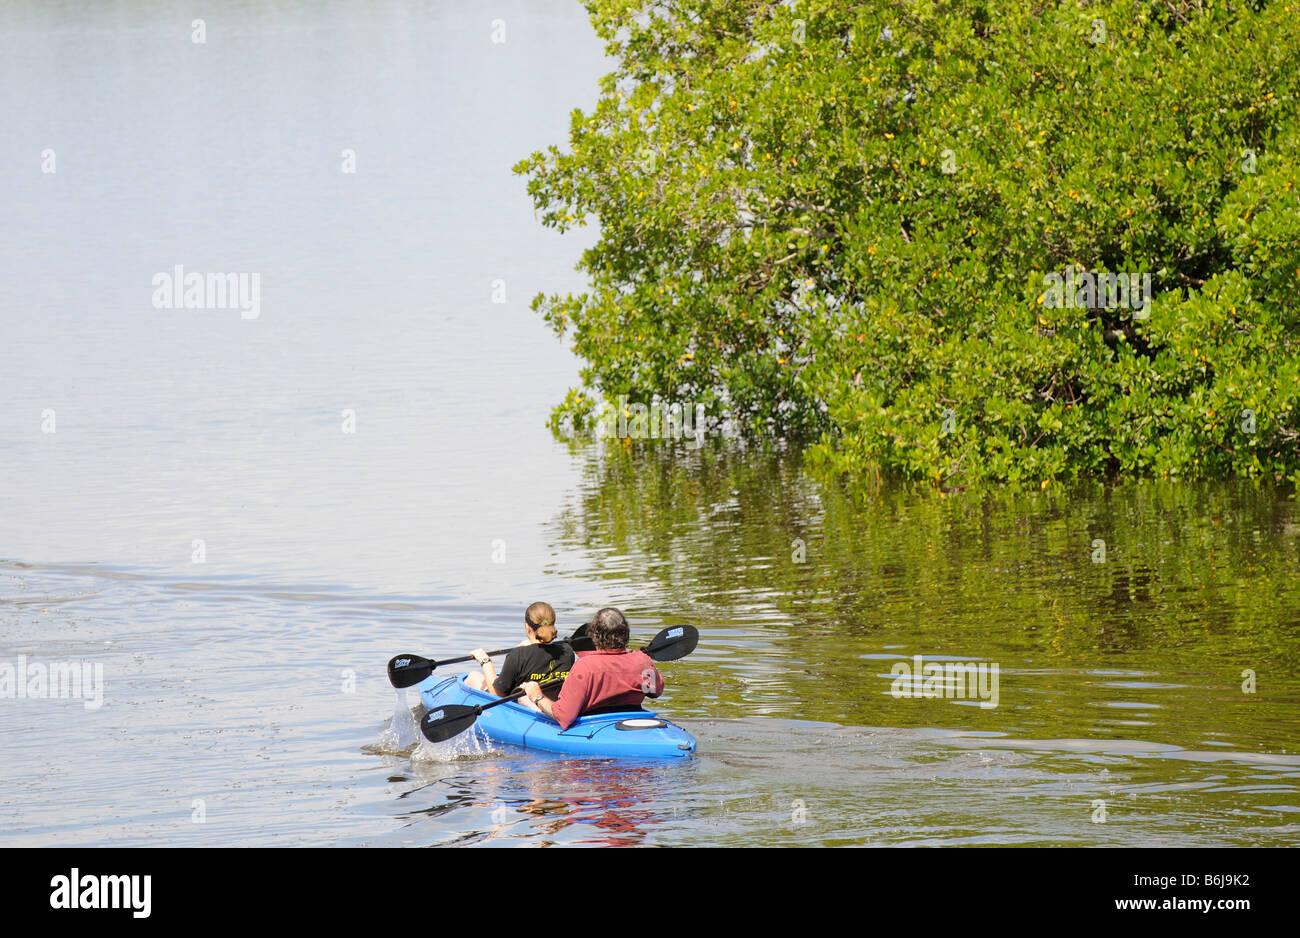 J N Ding Darling National Wildlife Refuge man and woman kayaking on Tarpon Bay Sanibel Island Florida USA - Stock Image